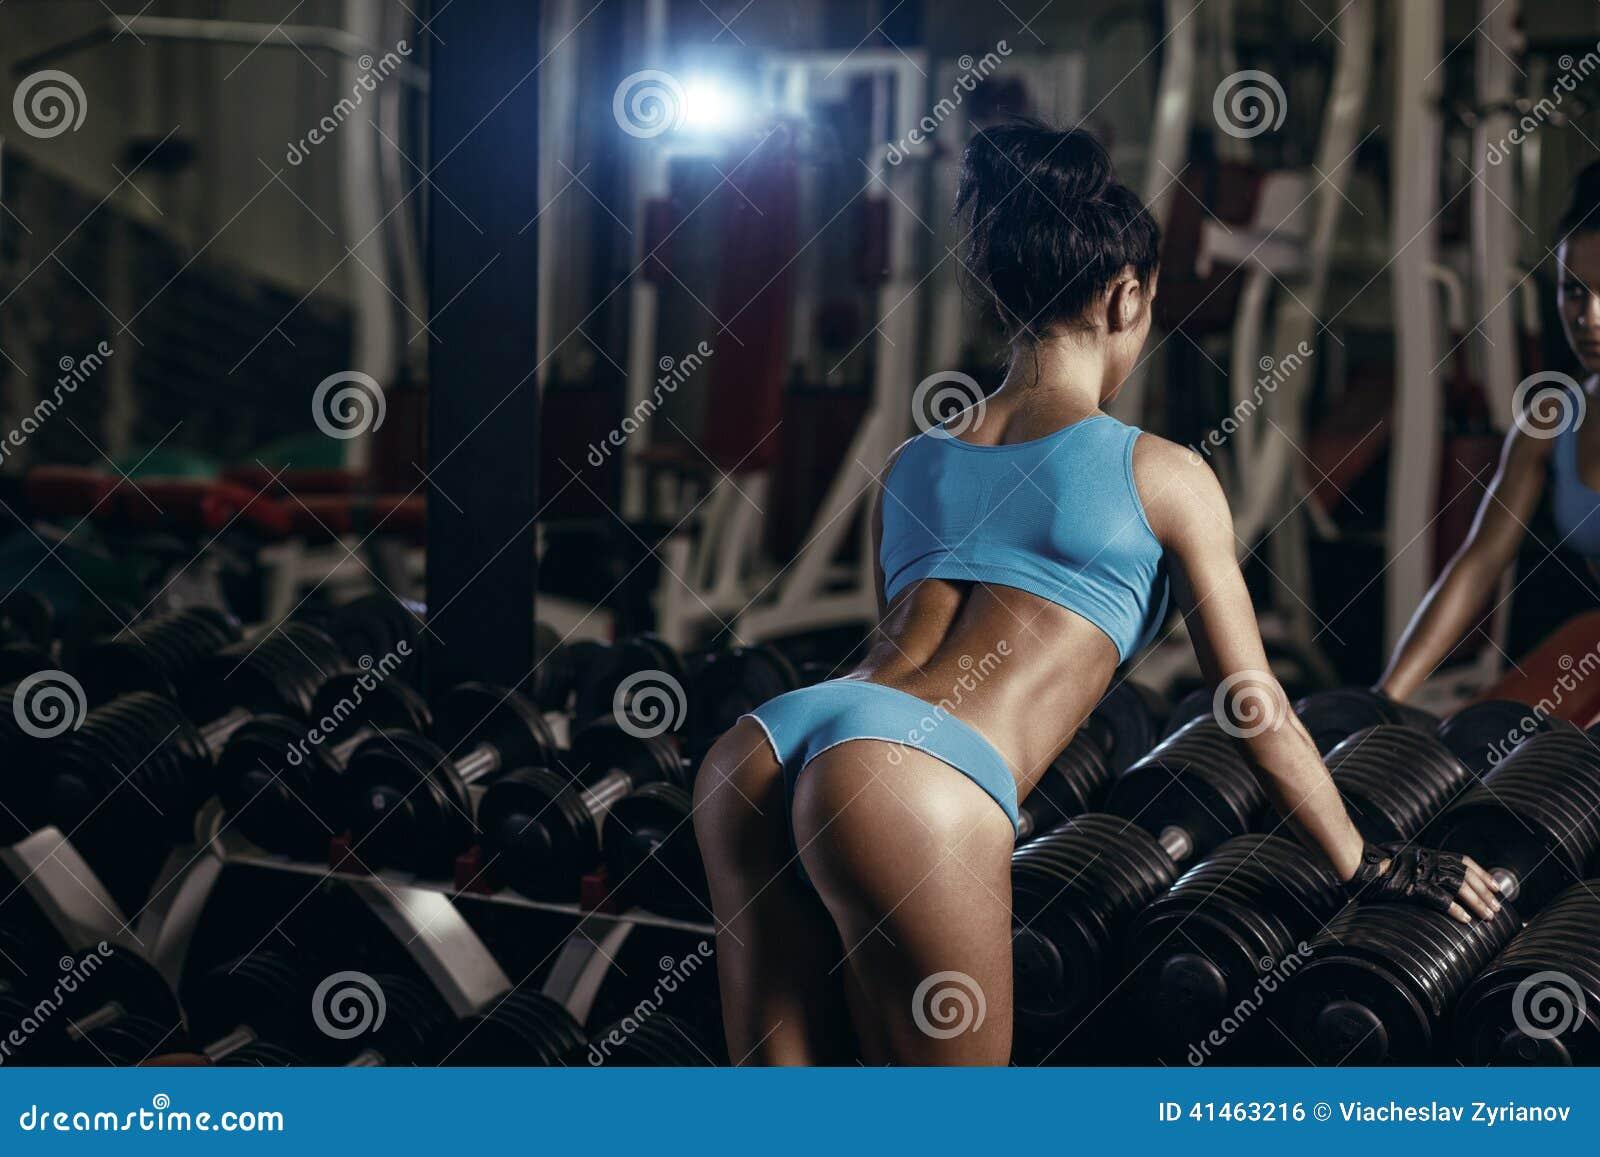 Two hot brunette girl doing exercise